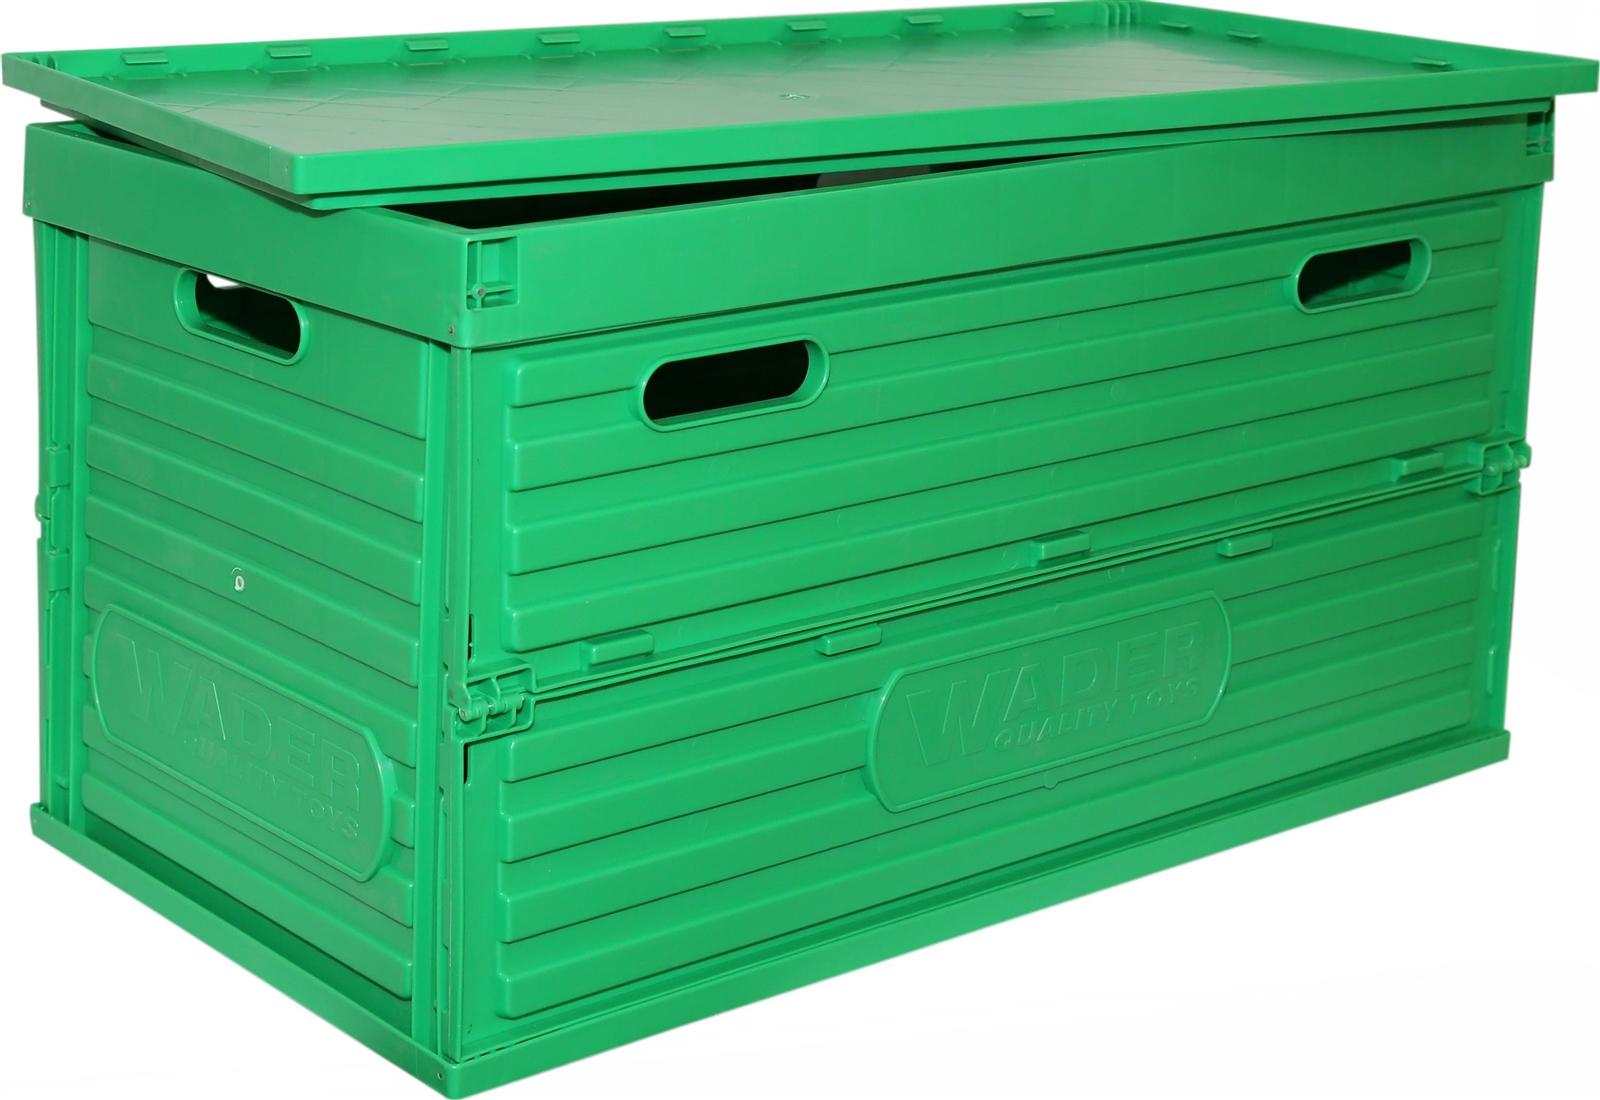 Ящик складной 1 для хранения с крышкой, 795х400х440 мм.